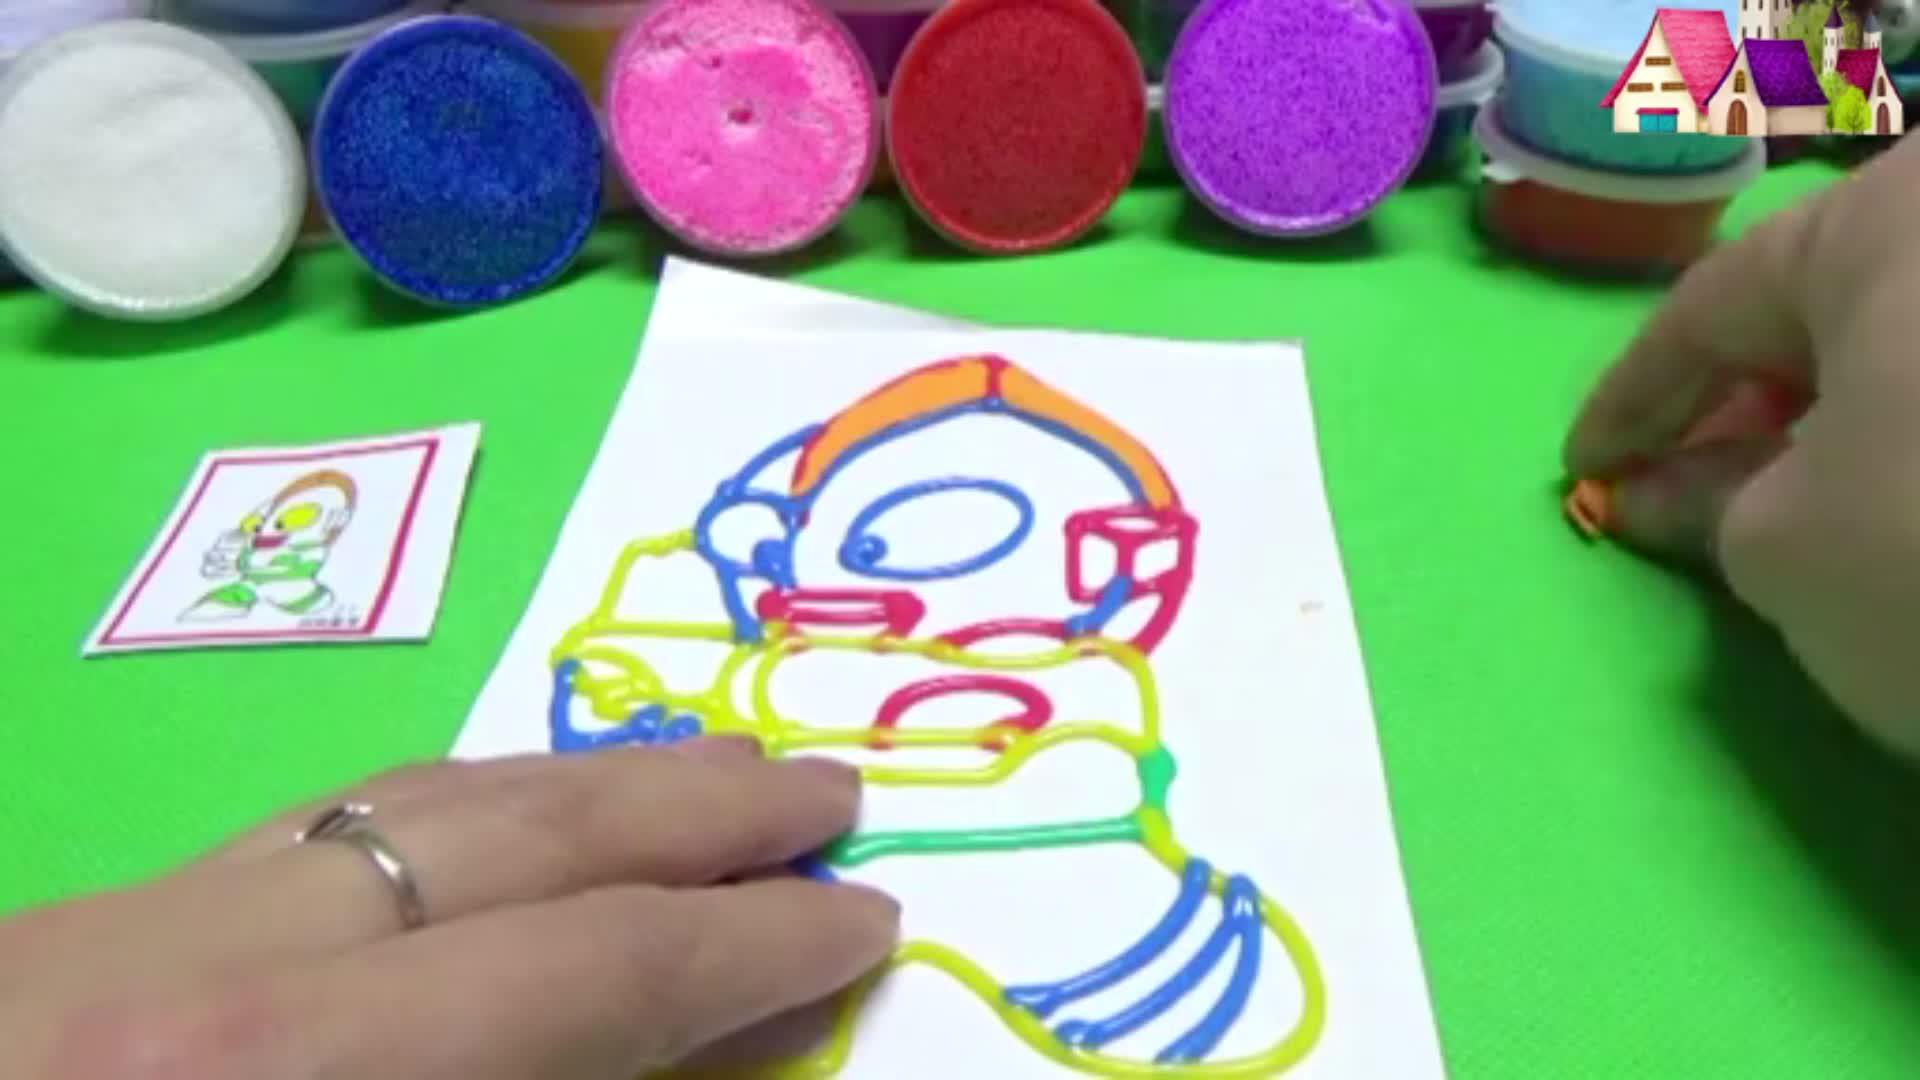 奥特曼粘土画制作 赛文奥特曼手工制作 奥特曼涂色-小猪佩奇玩具.